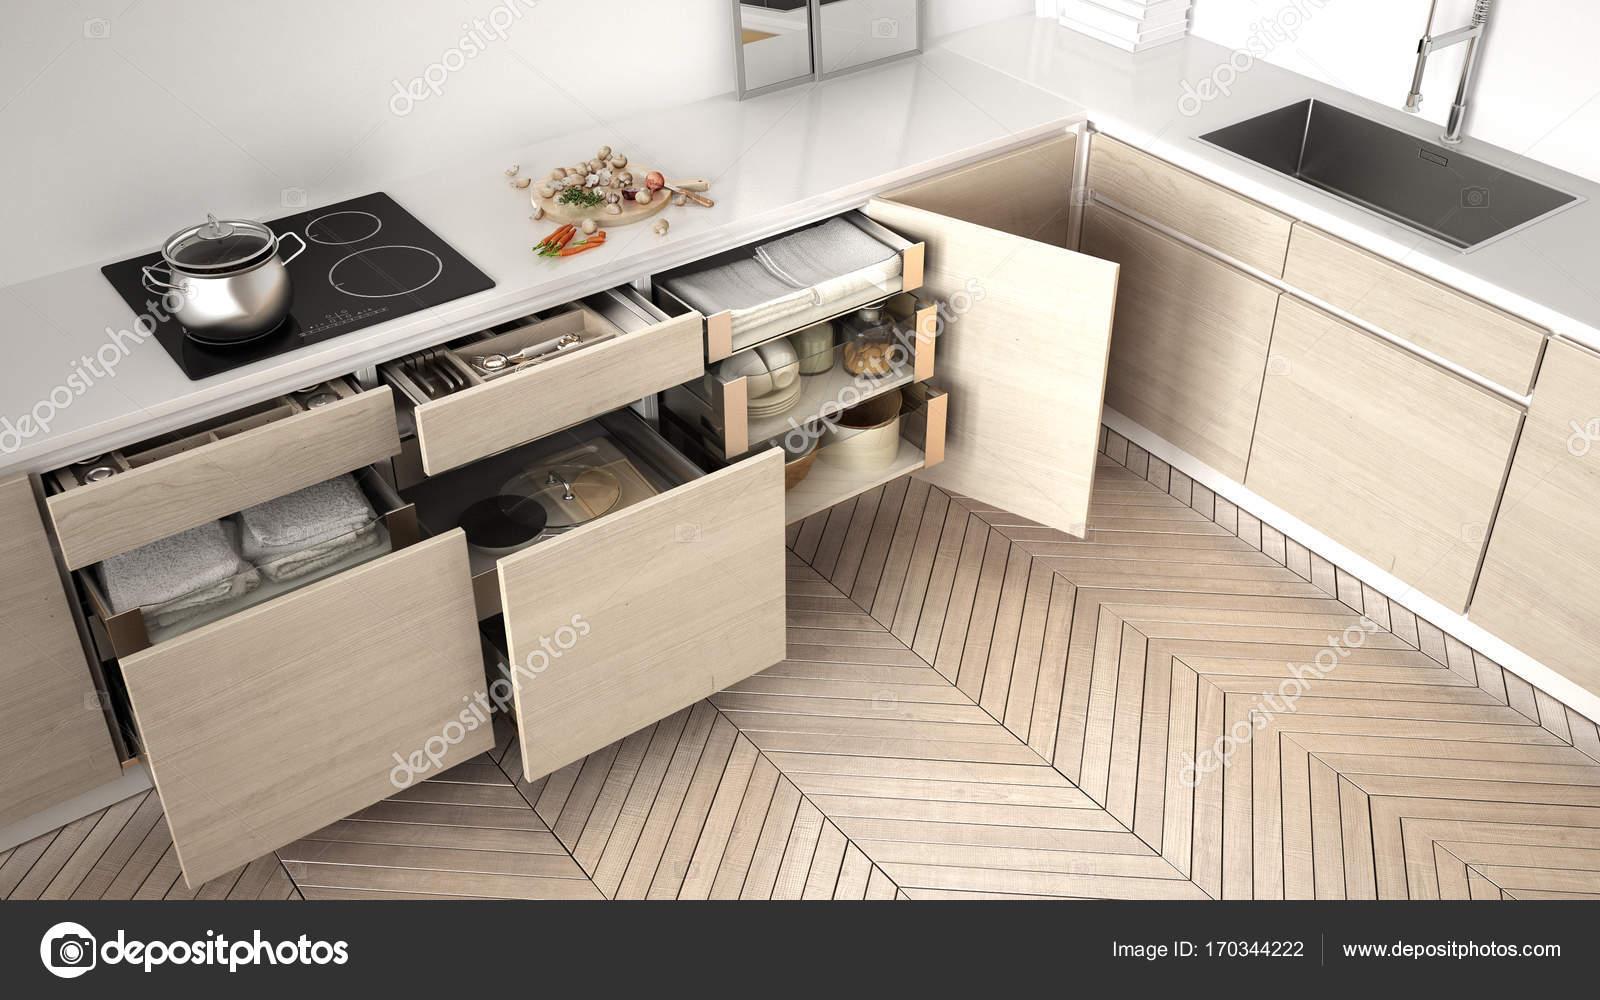 moderne keuken bovenaanzicht opende houten laden met accessoires binnen oplossing voor opslag van de keuken minimalistisch interieur foto van archiviz